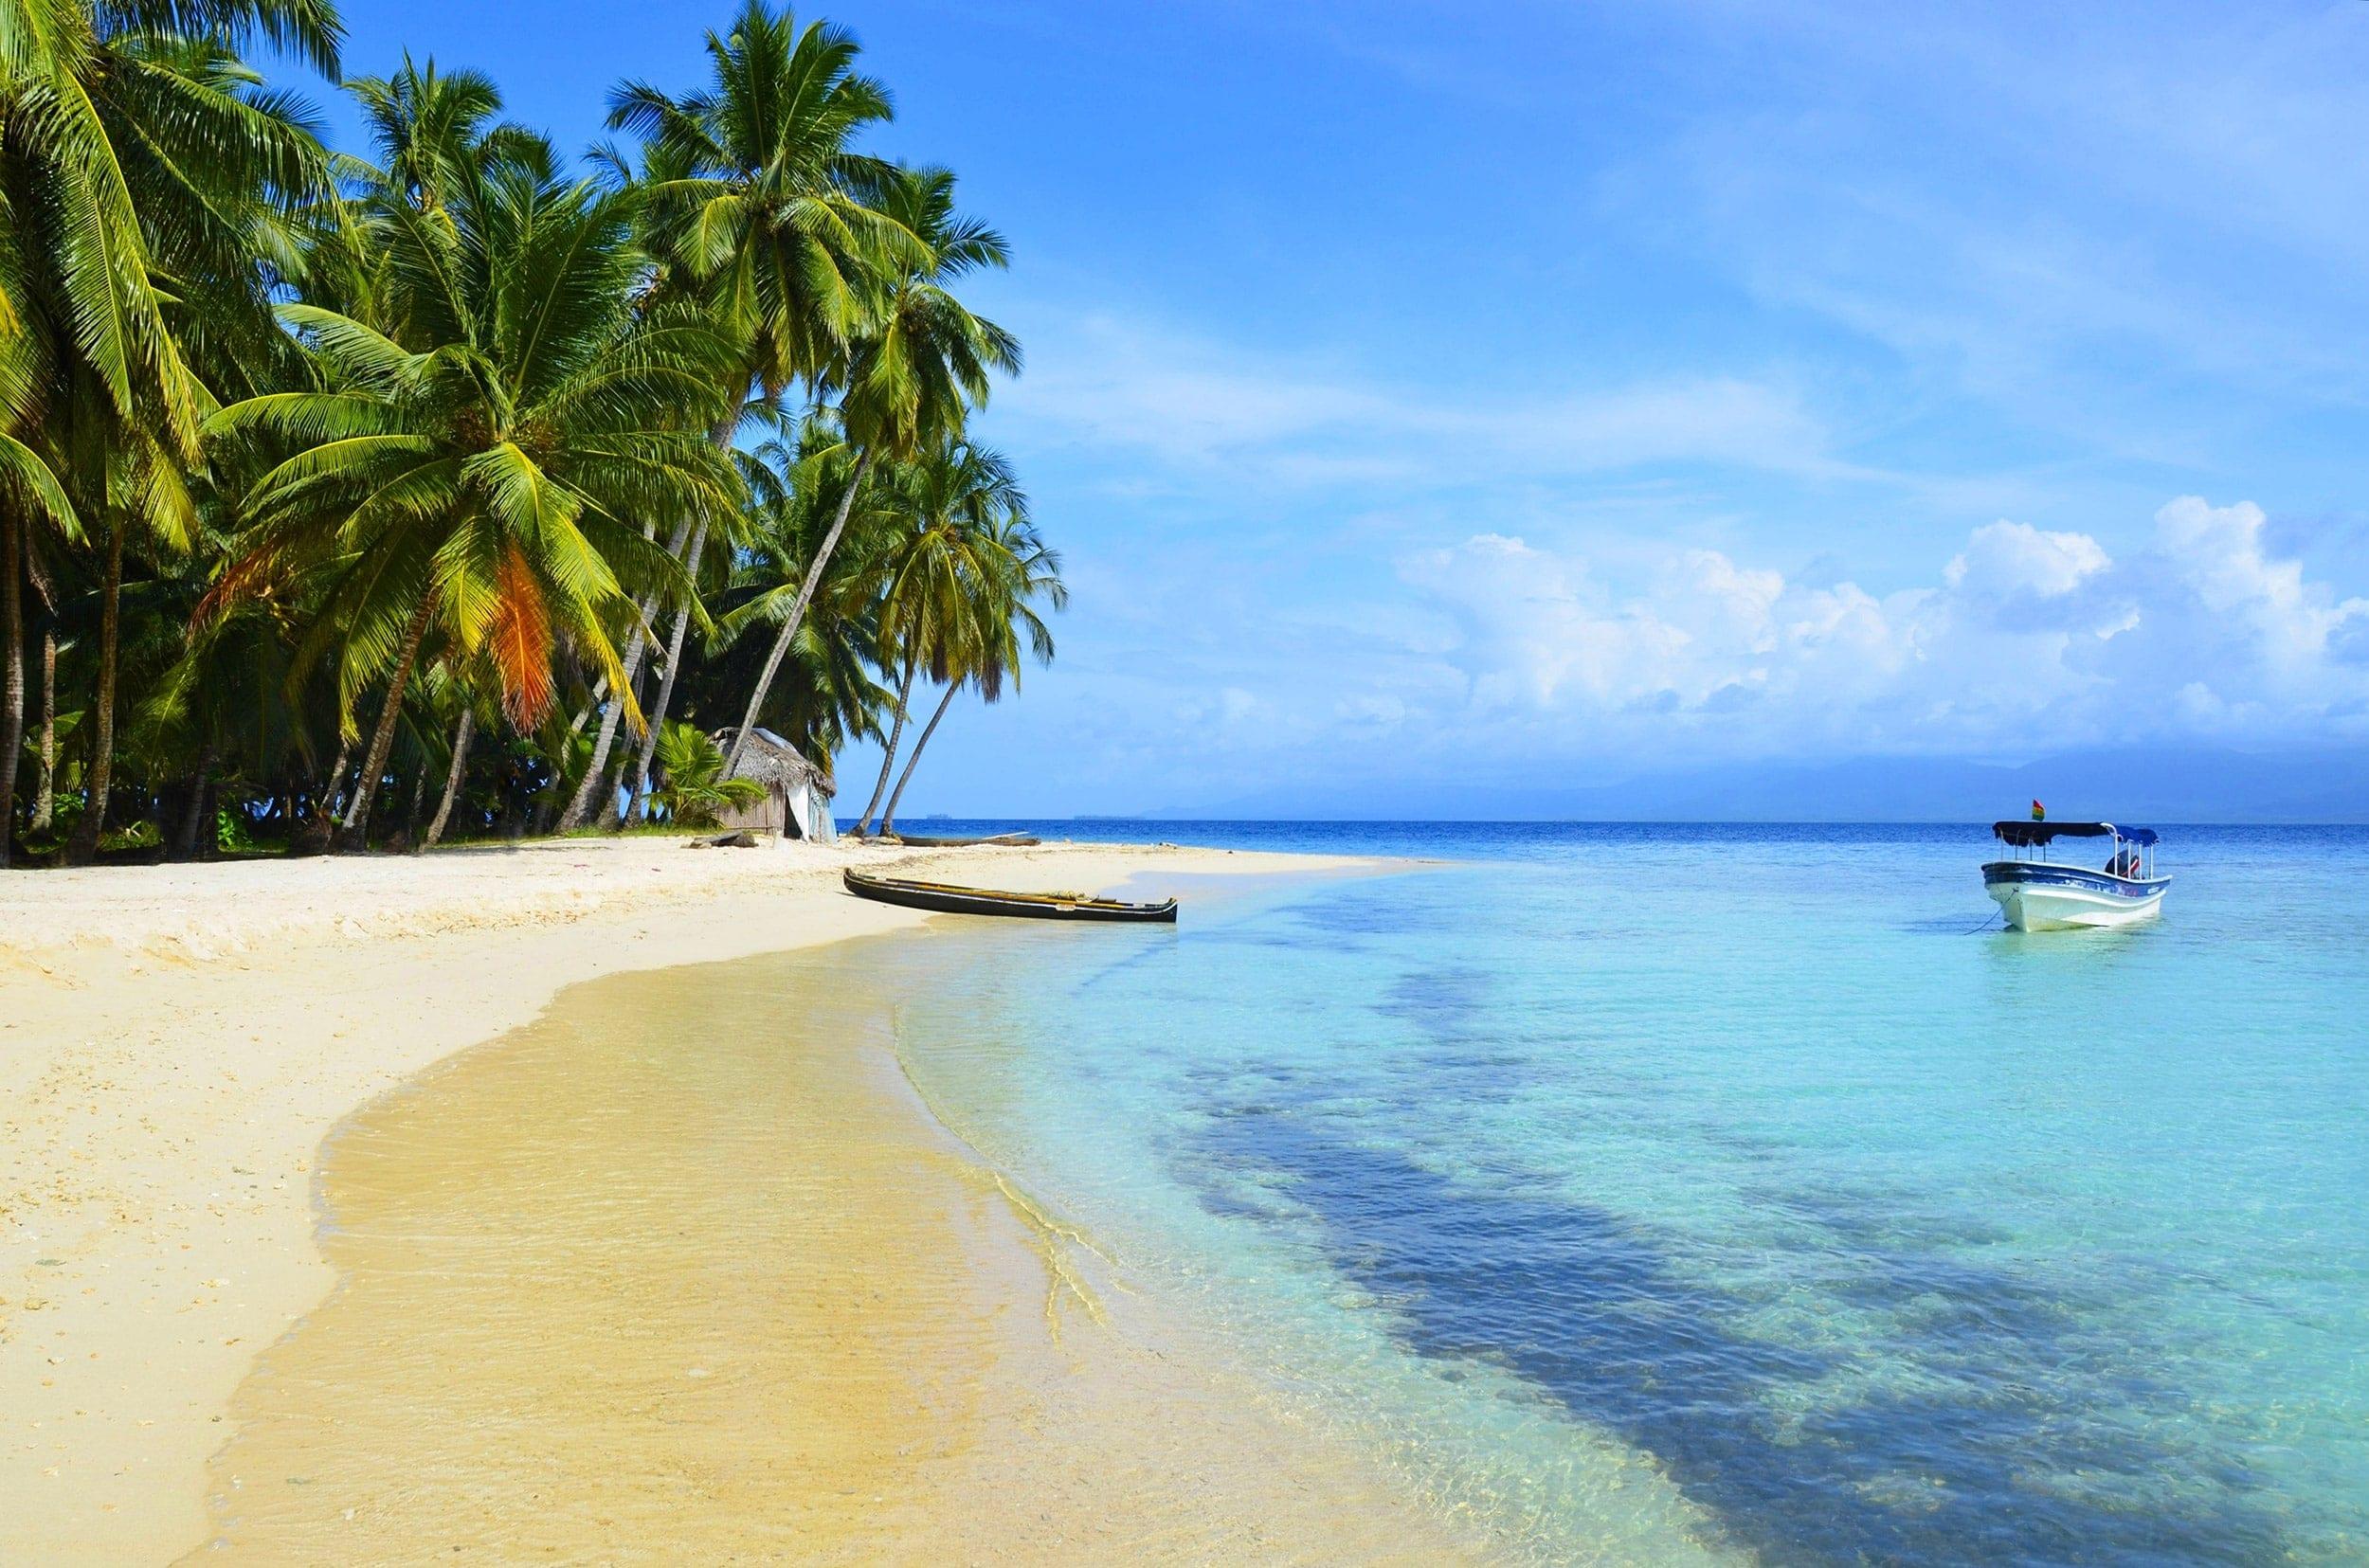 Mooiste eilanden ter wereld